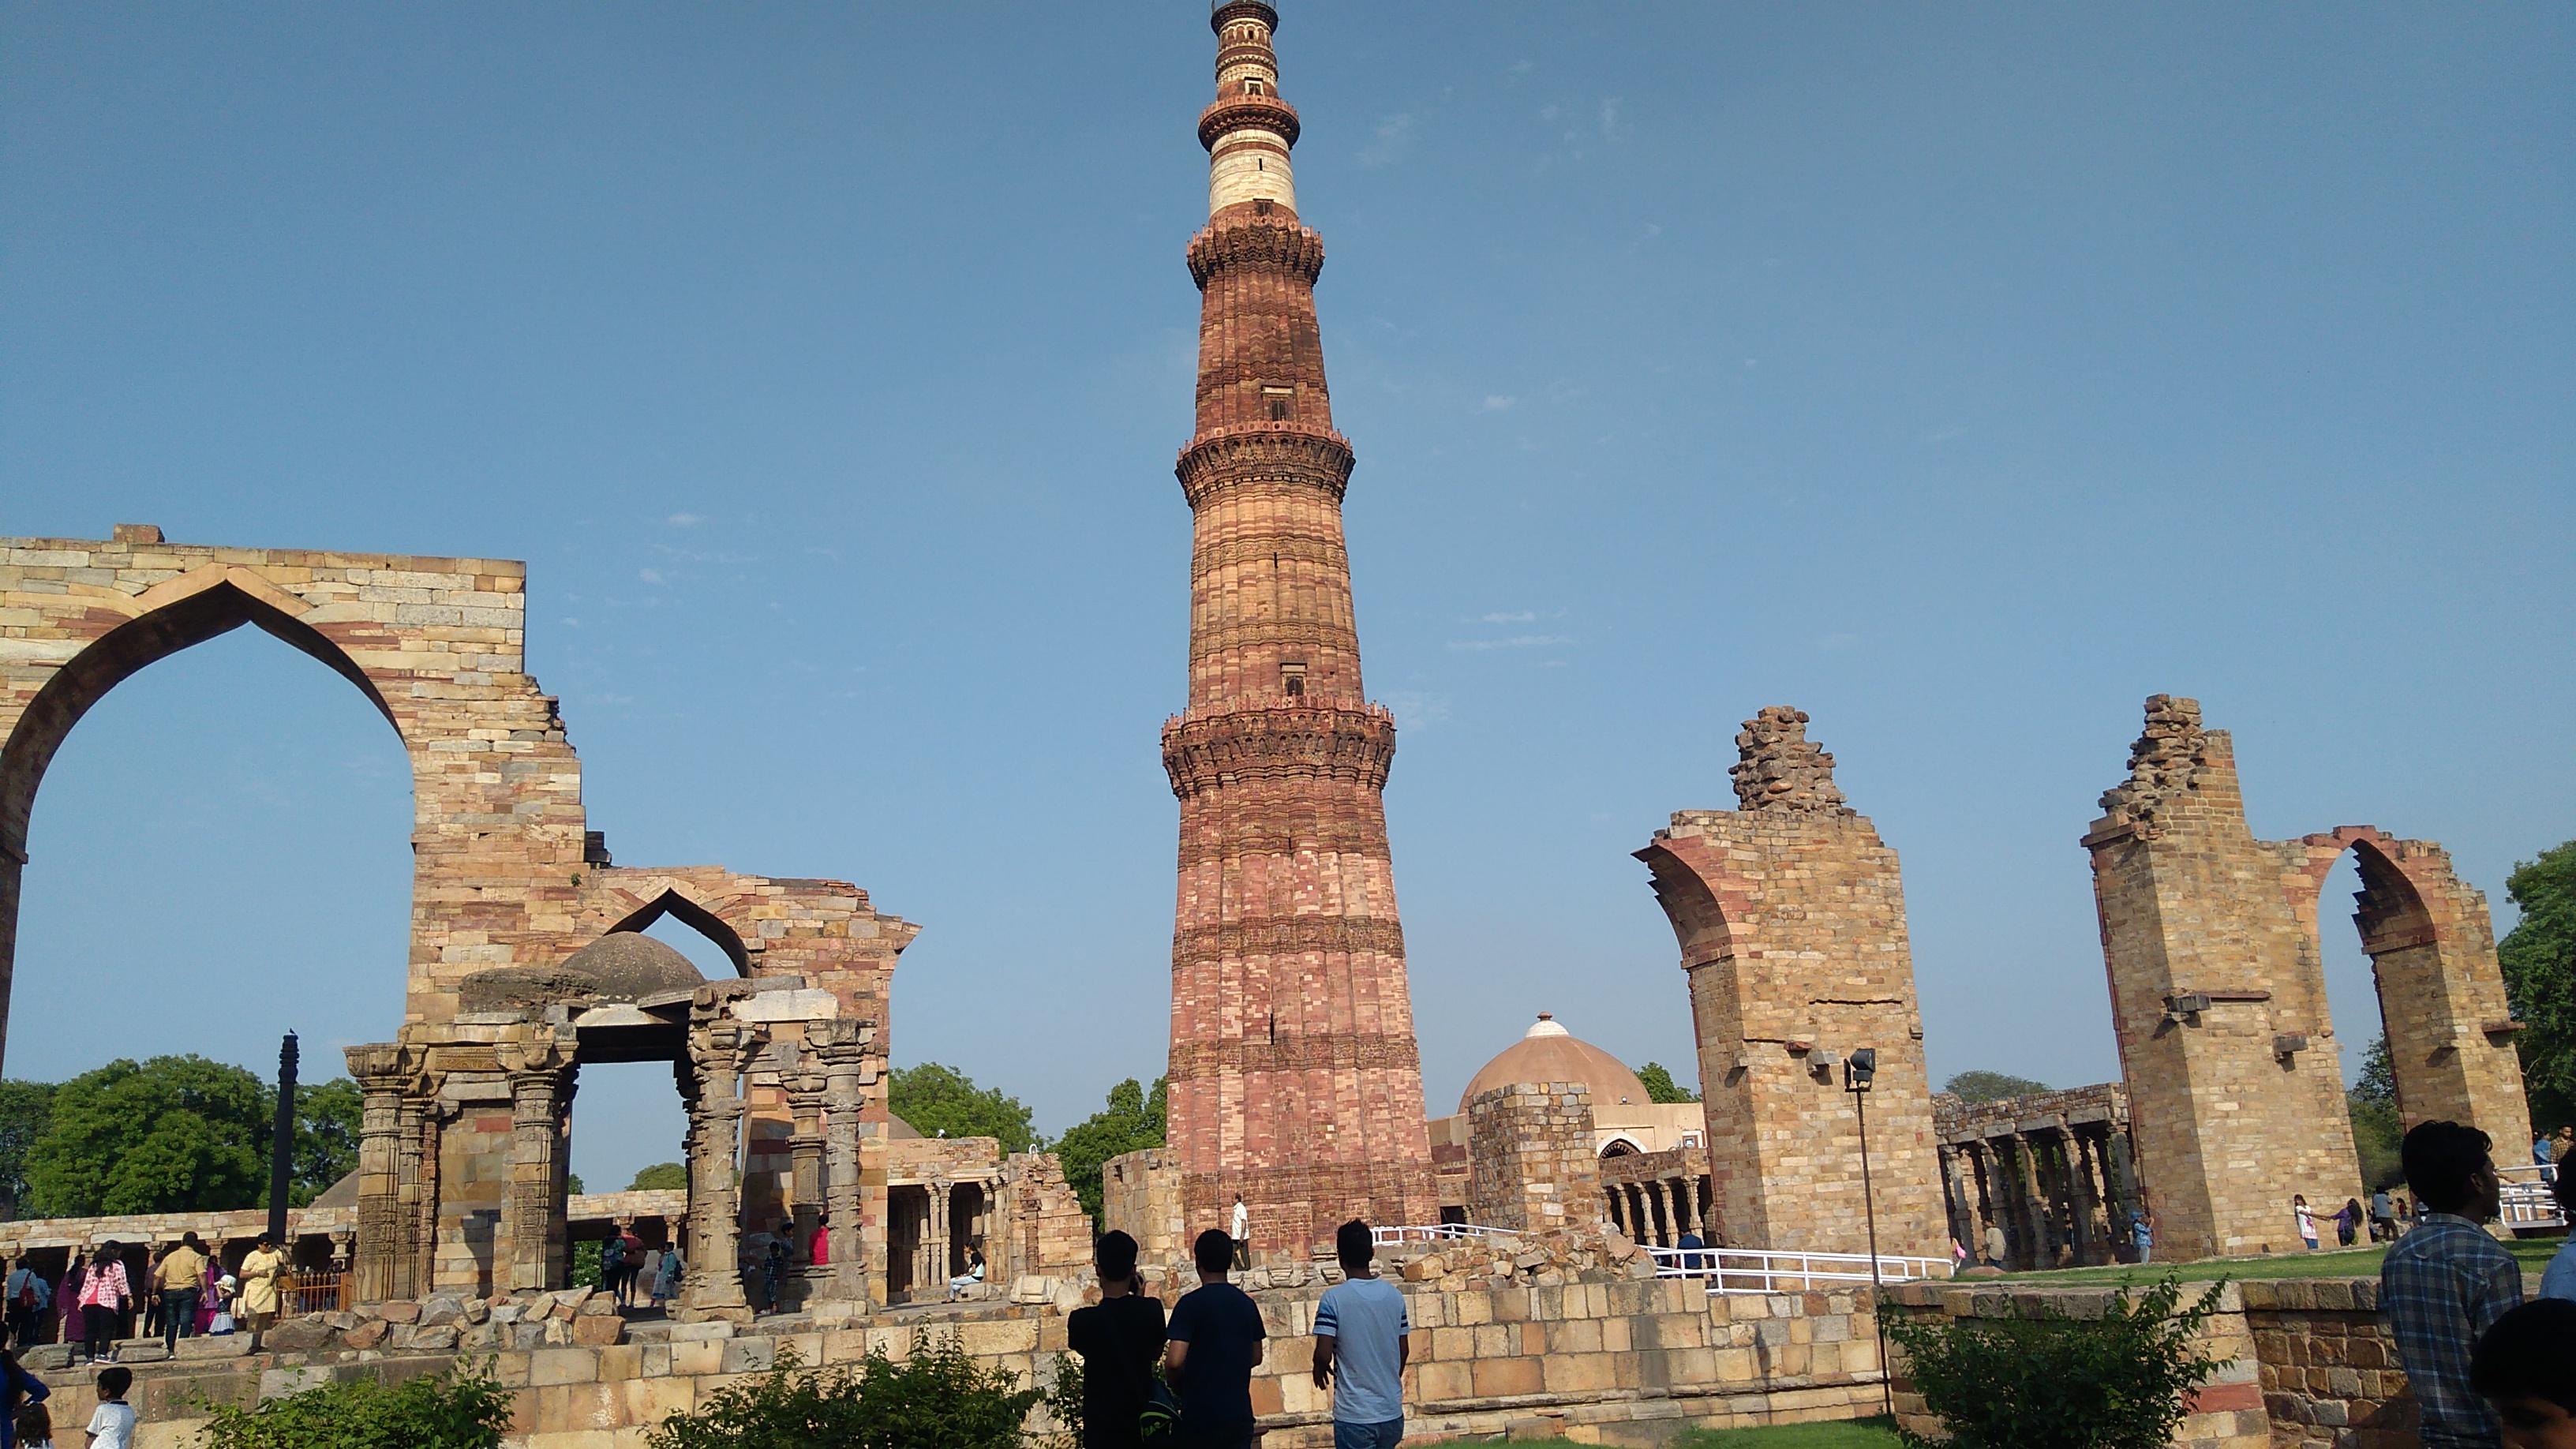 File:Qutub Minar complex 2.jpg - Wikimedia Commons